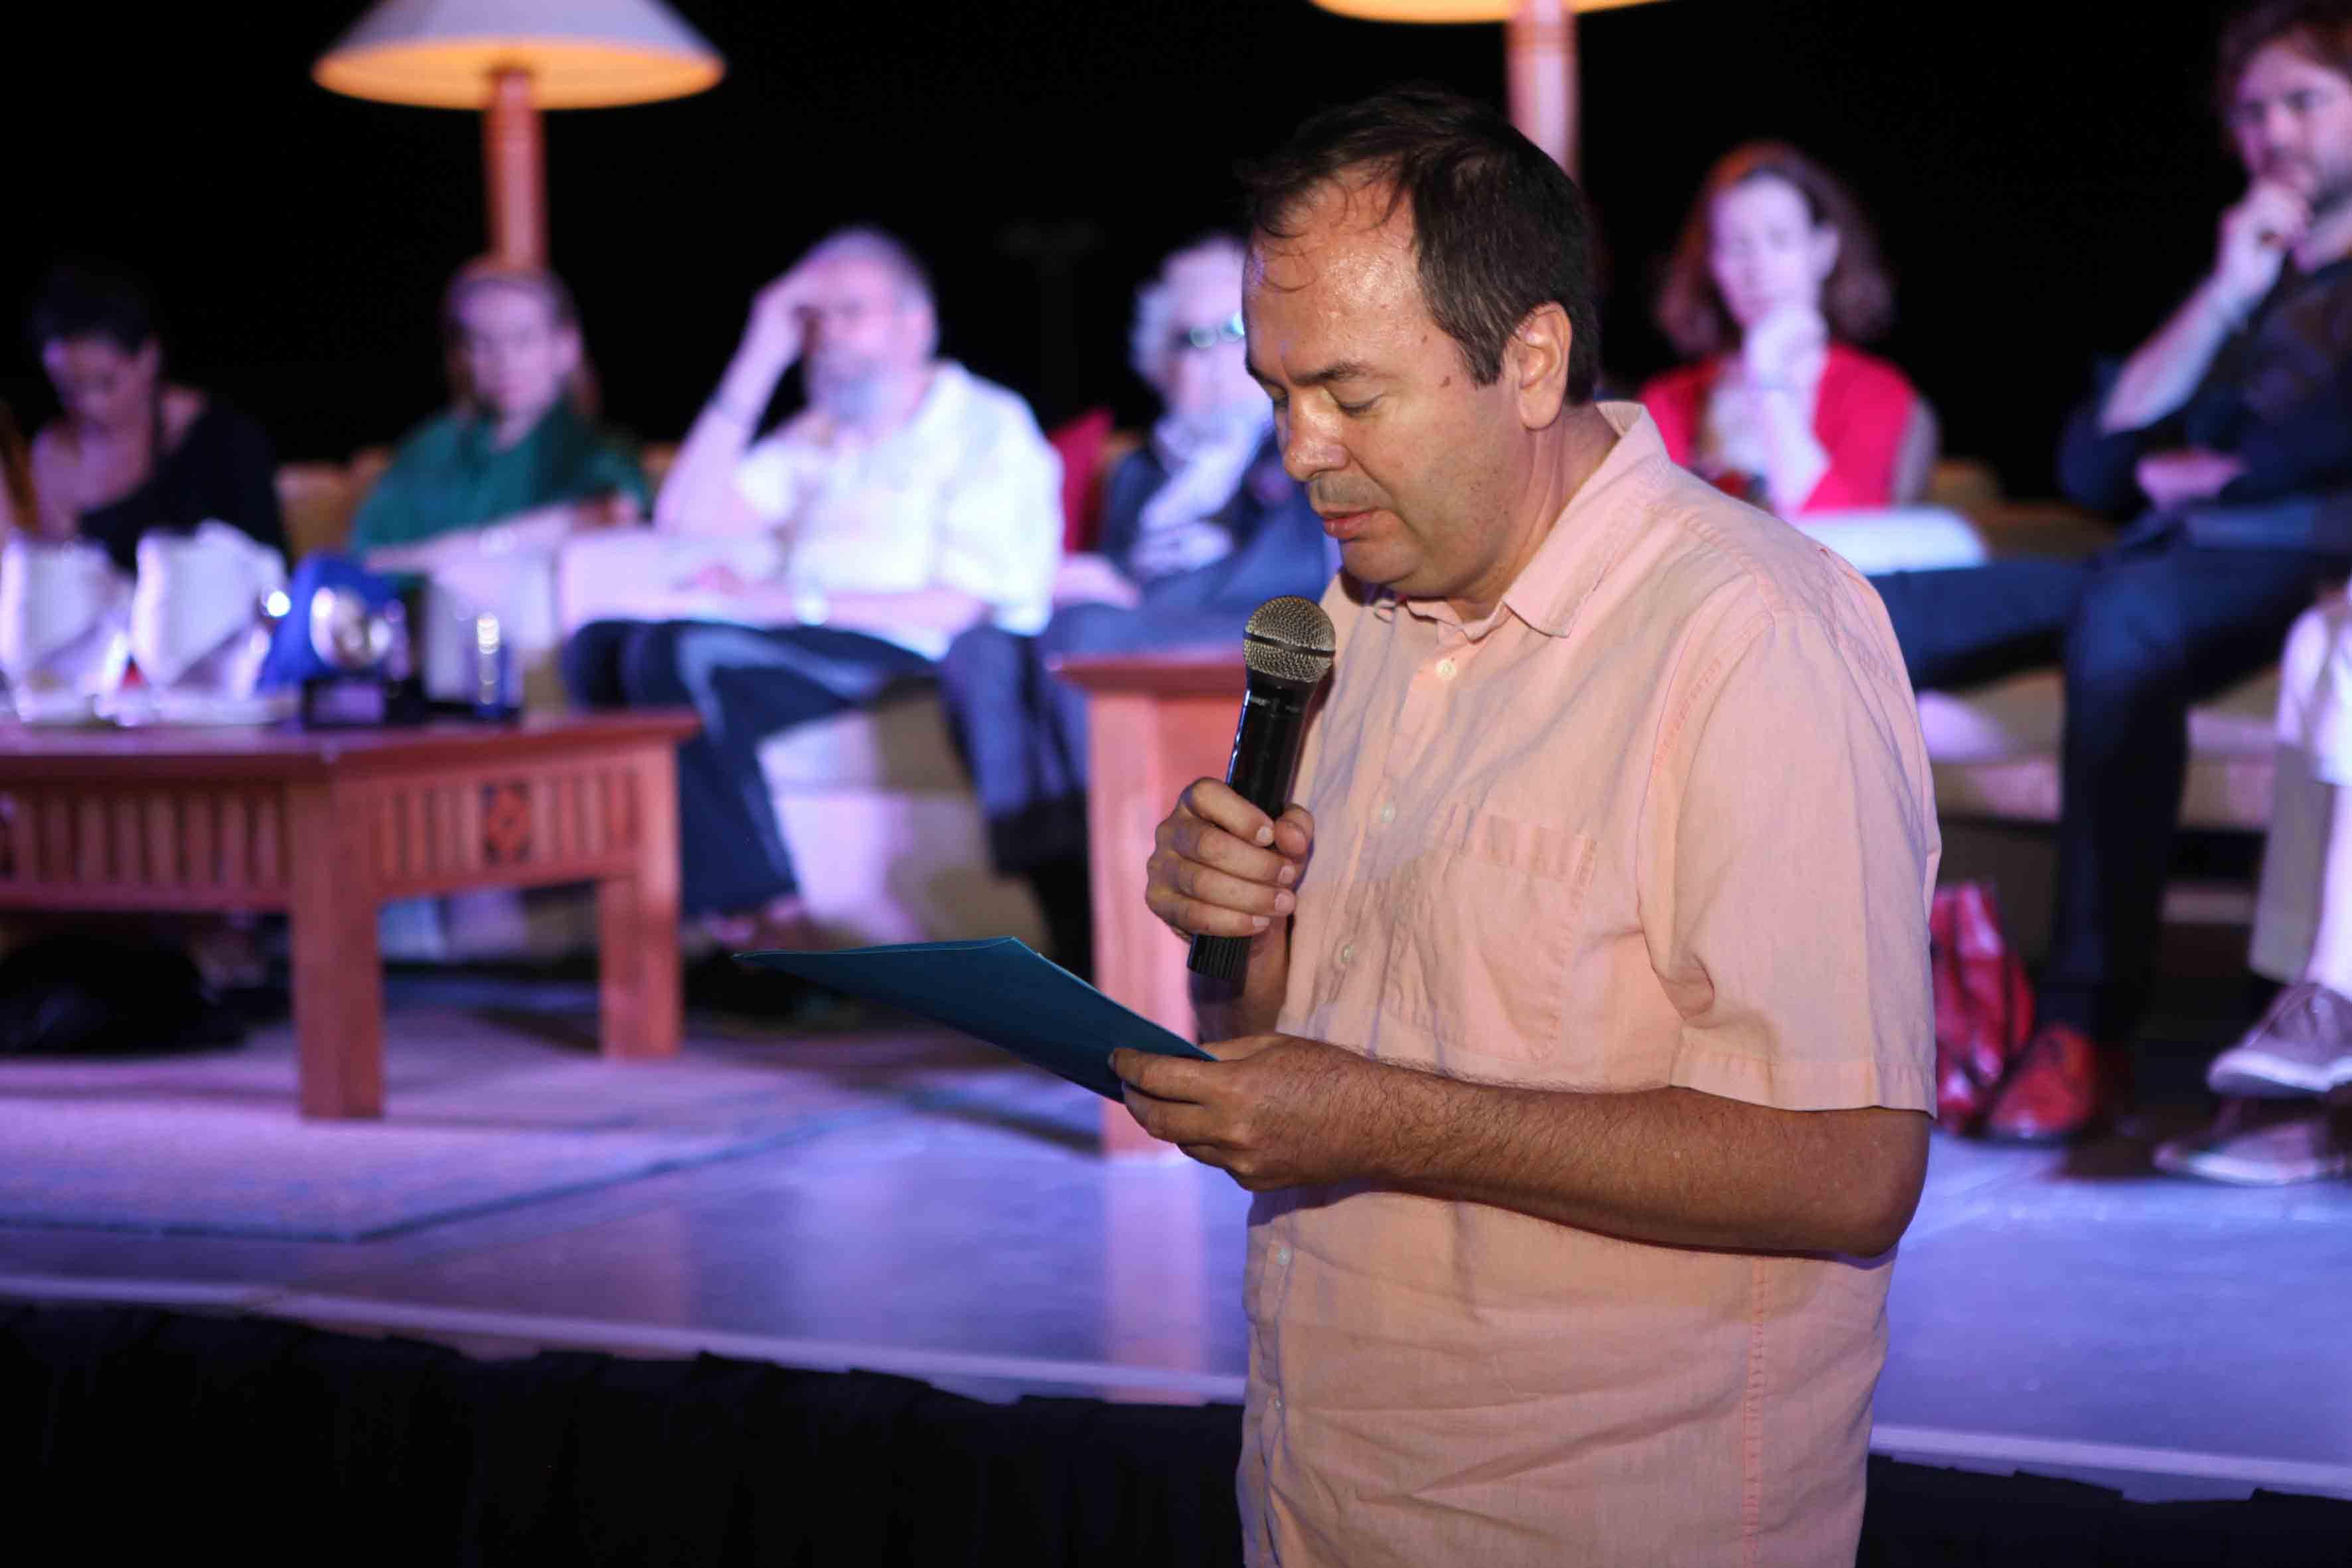 En el recital, un hombre participando